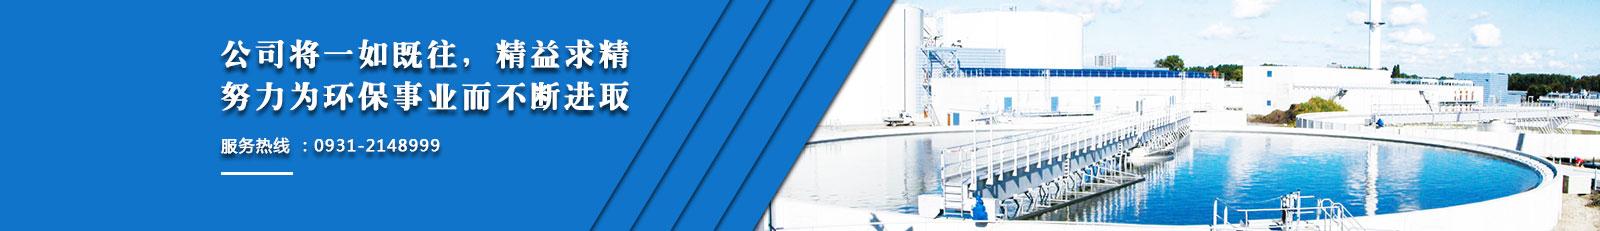 兰州饮用水净化设备公司